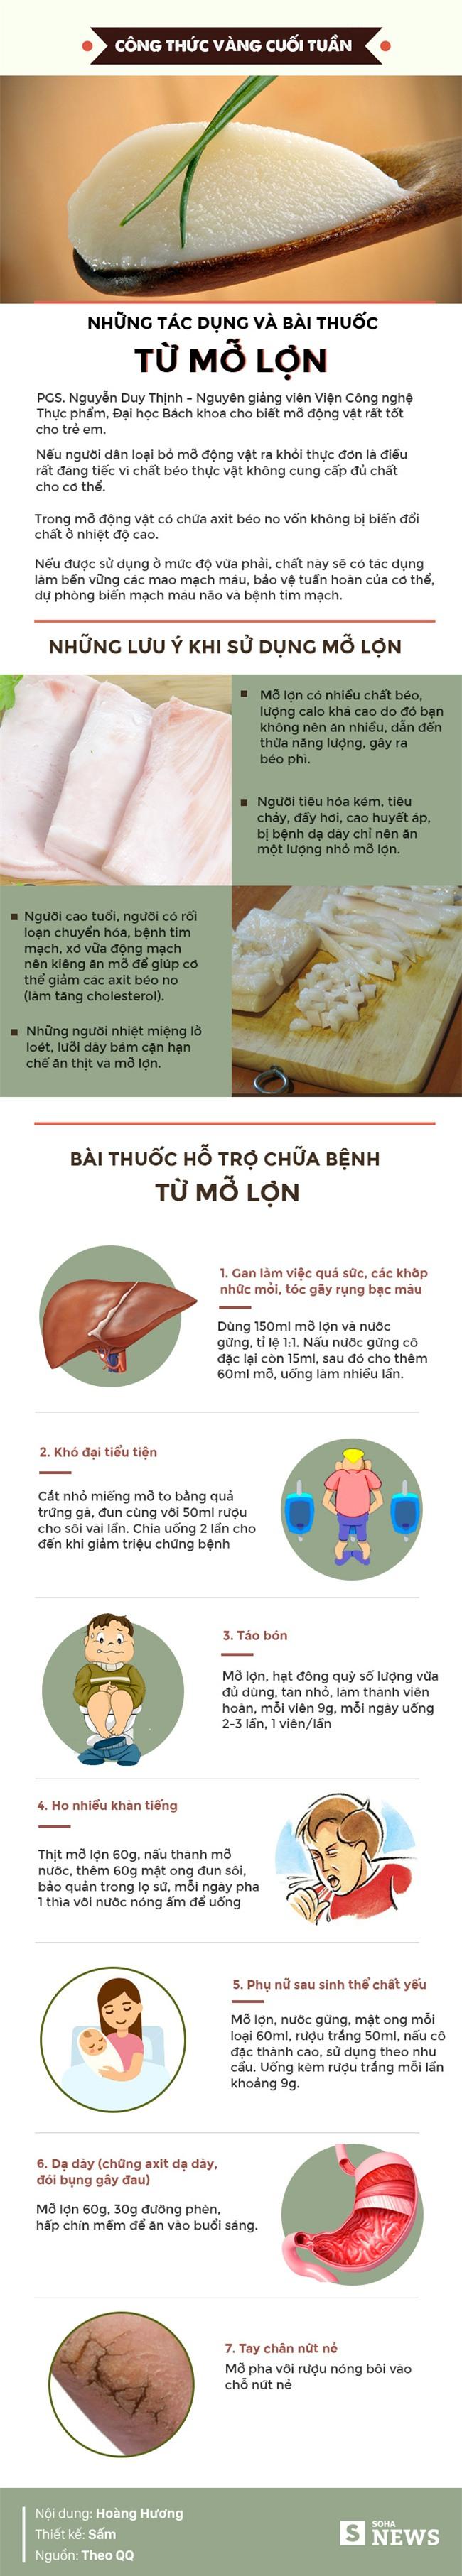 Không ăn mỡ lợn, bạn đã bỏ phí những tác dụng và 7 bài thuốc hay: Căn bếp nào cũng nên có! - Ảnh 1.